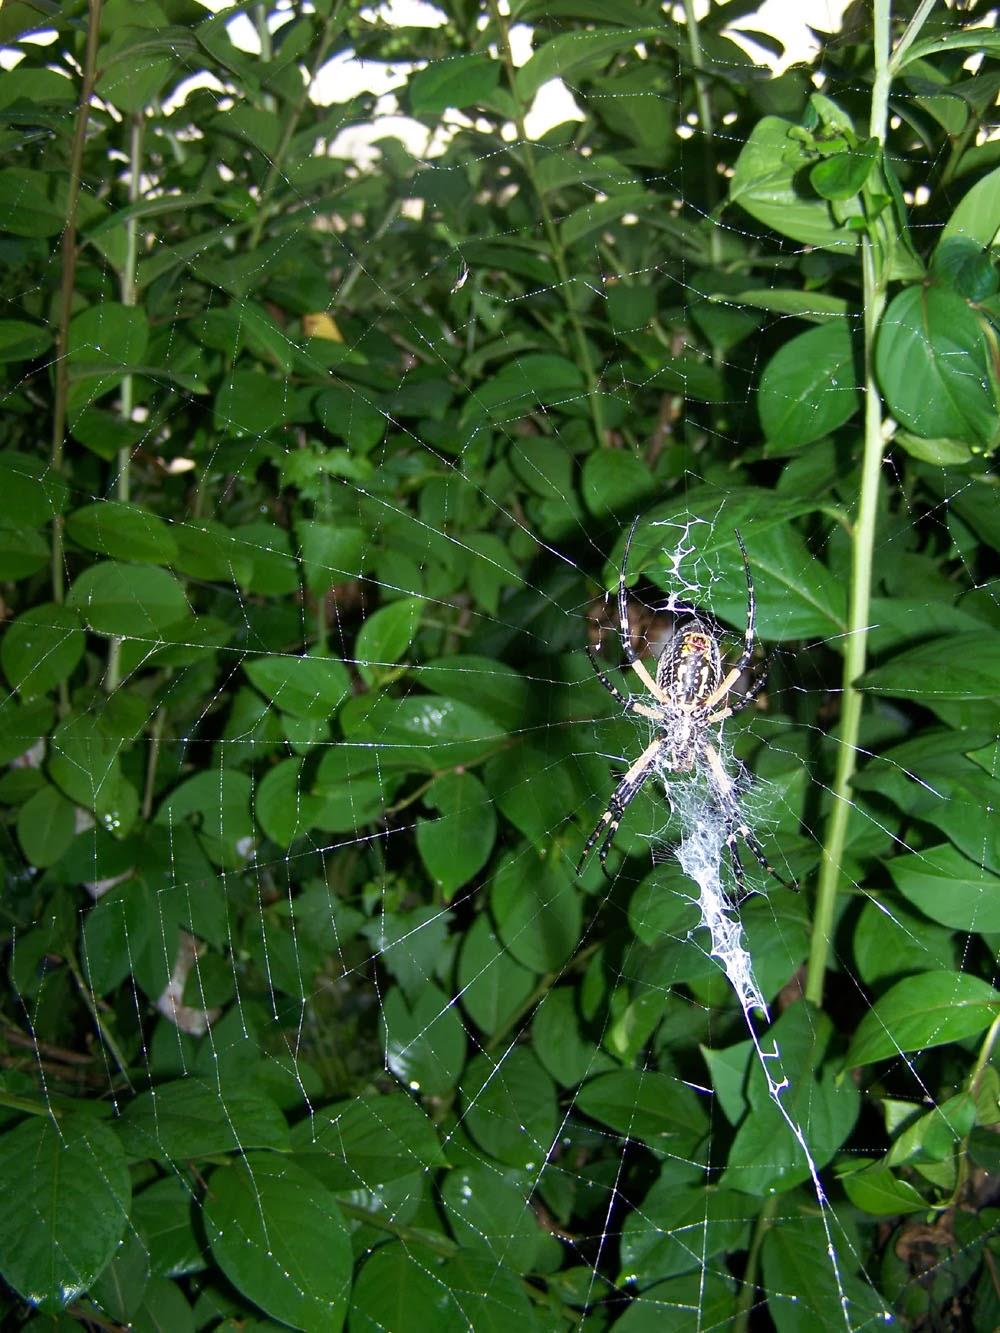 spider in spiderweb